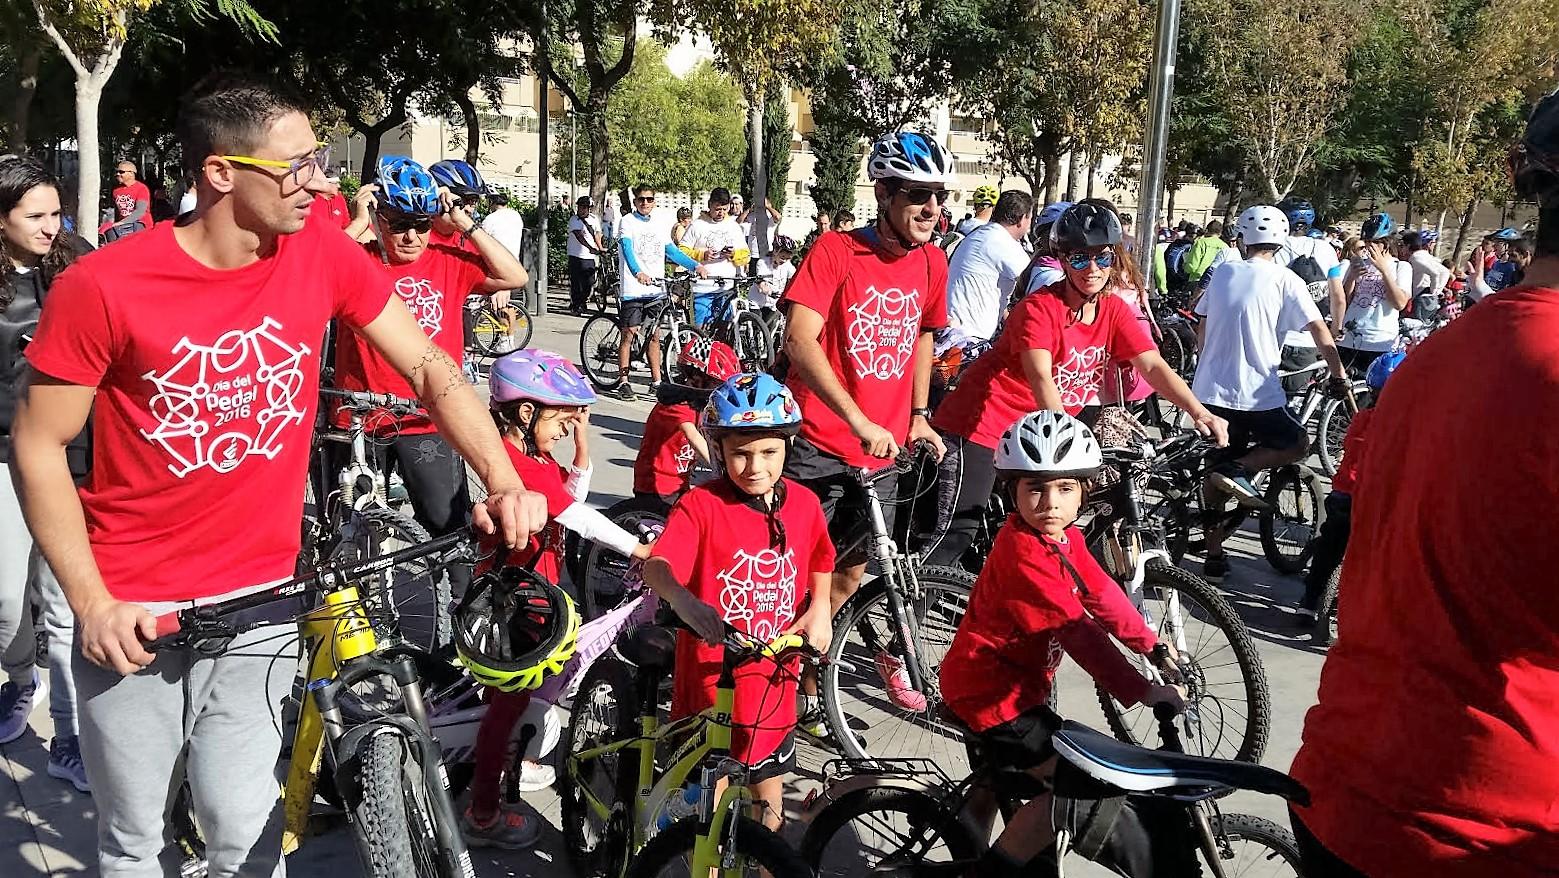 Las bicicletas toman la ciudad   Noudiari.es